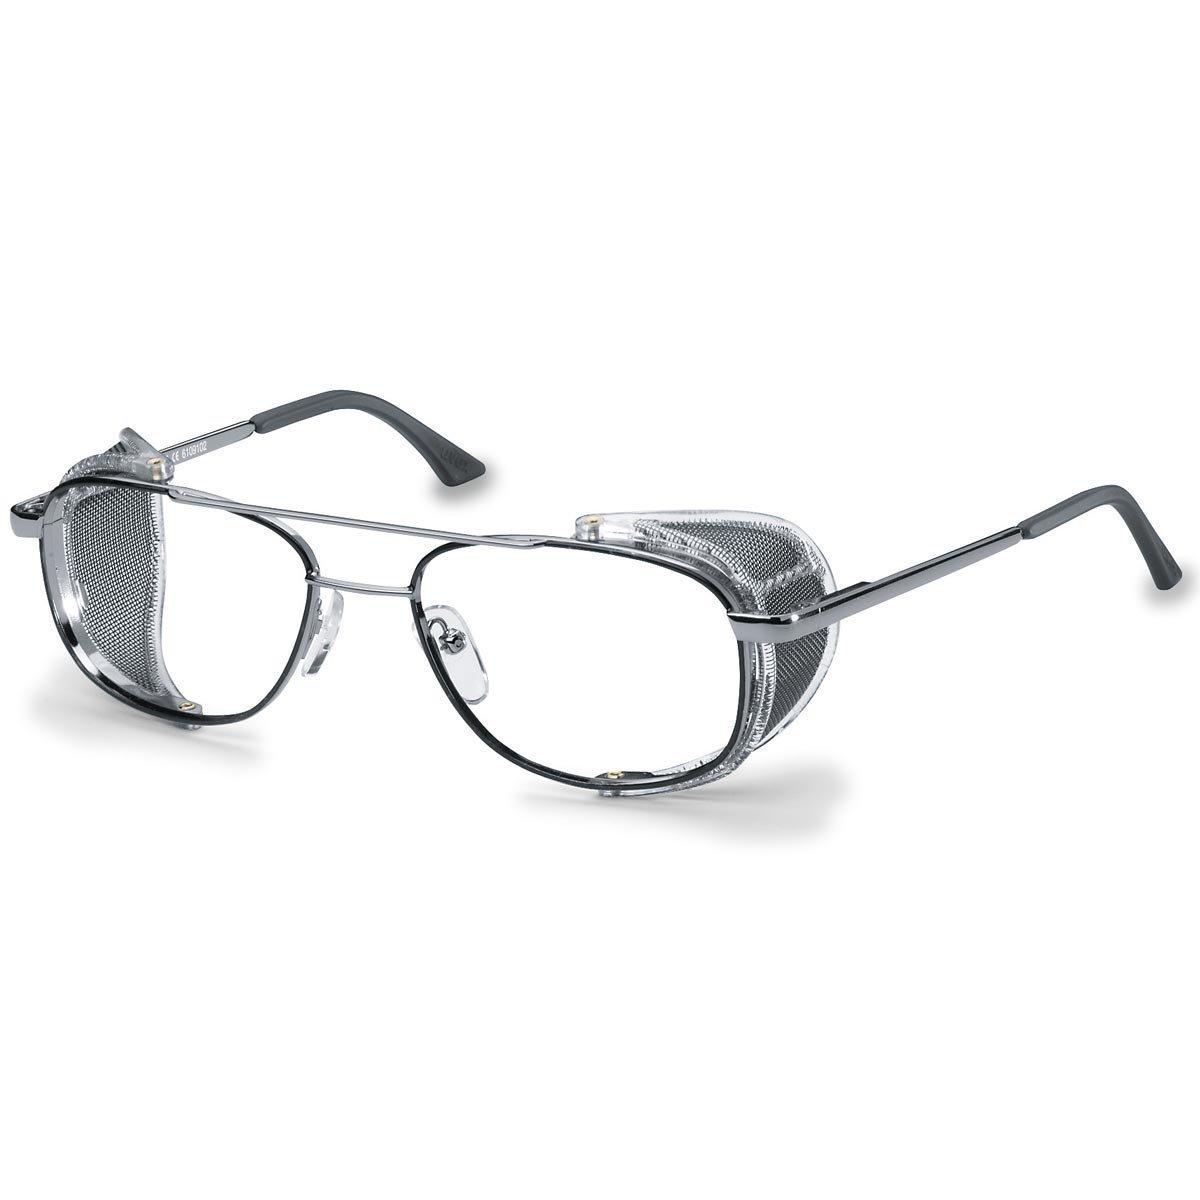 Uvex Korrektionsschutzbrille RX 5101 - Keine Entspiegelung